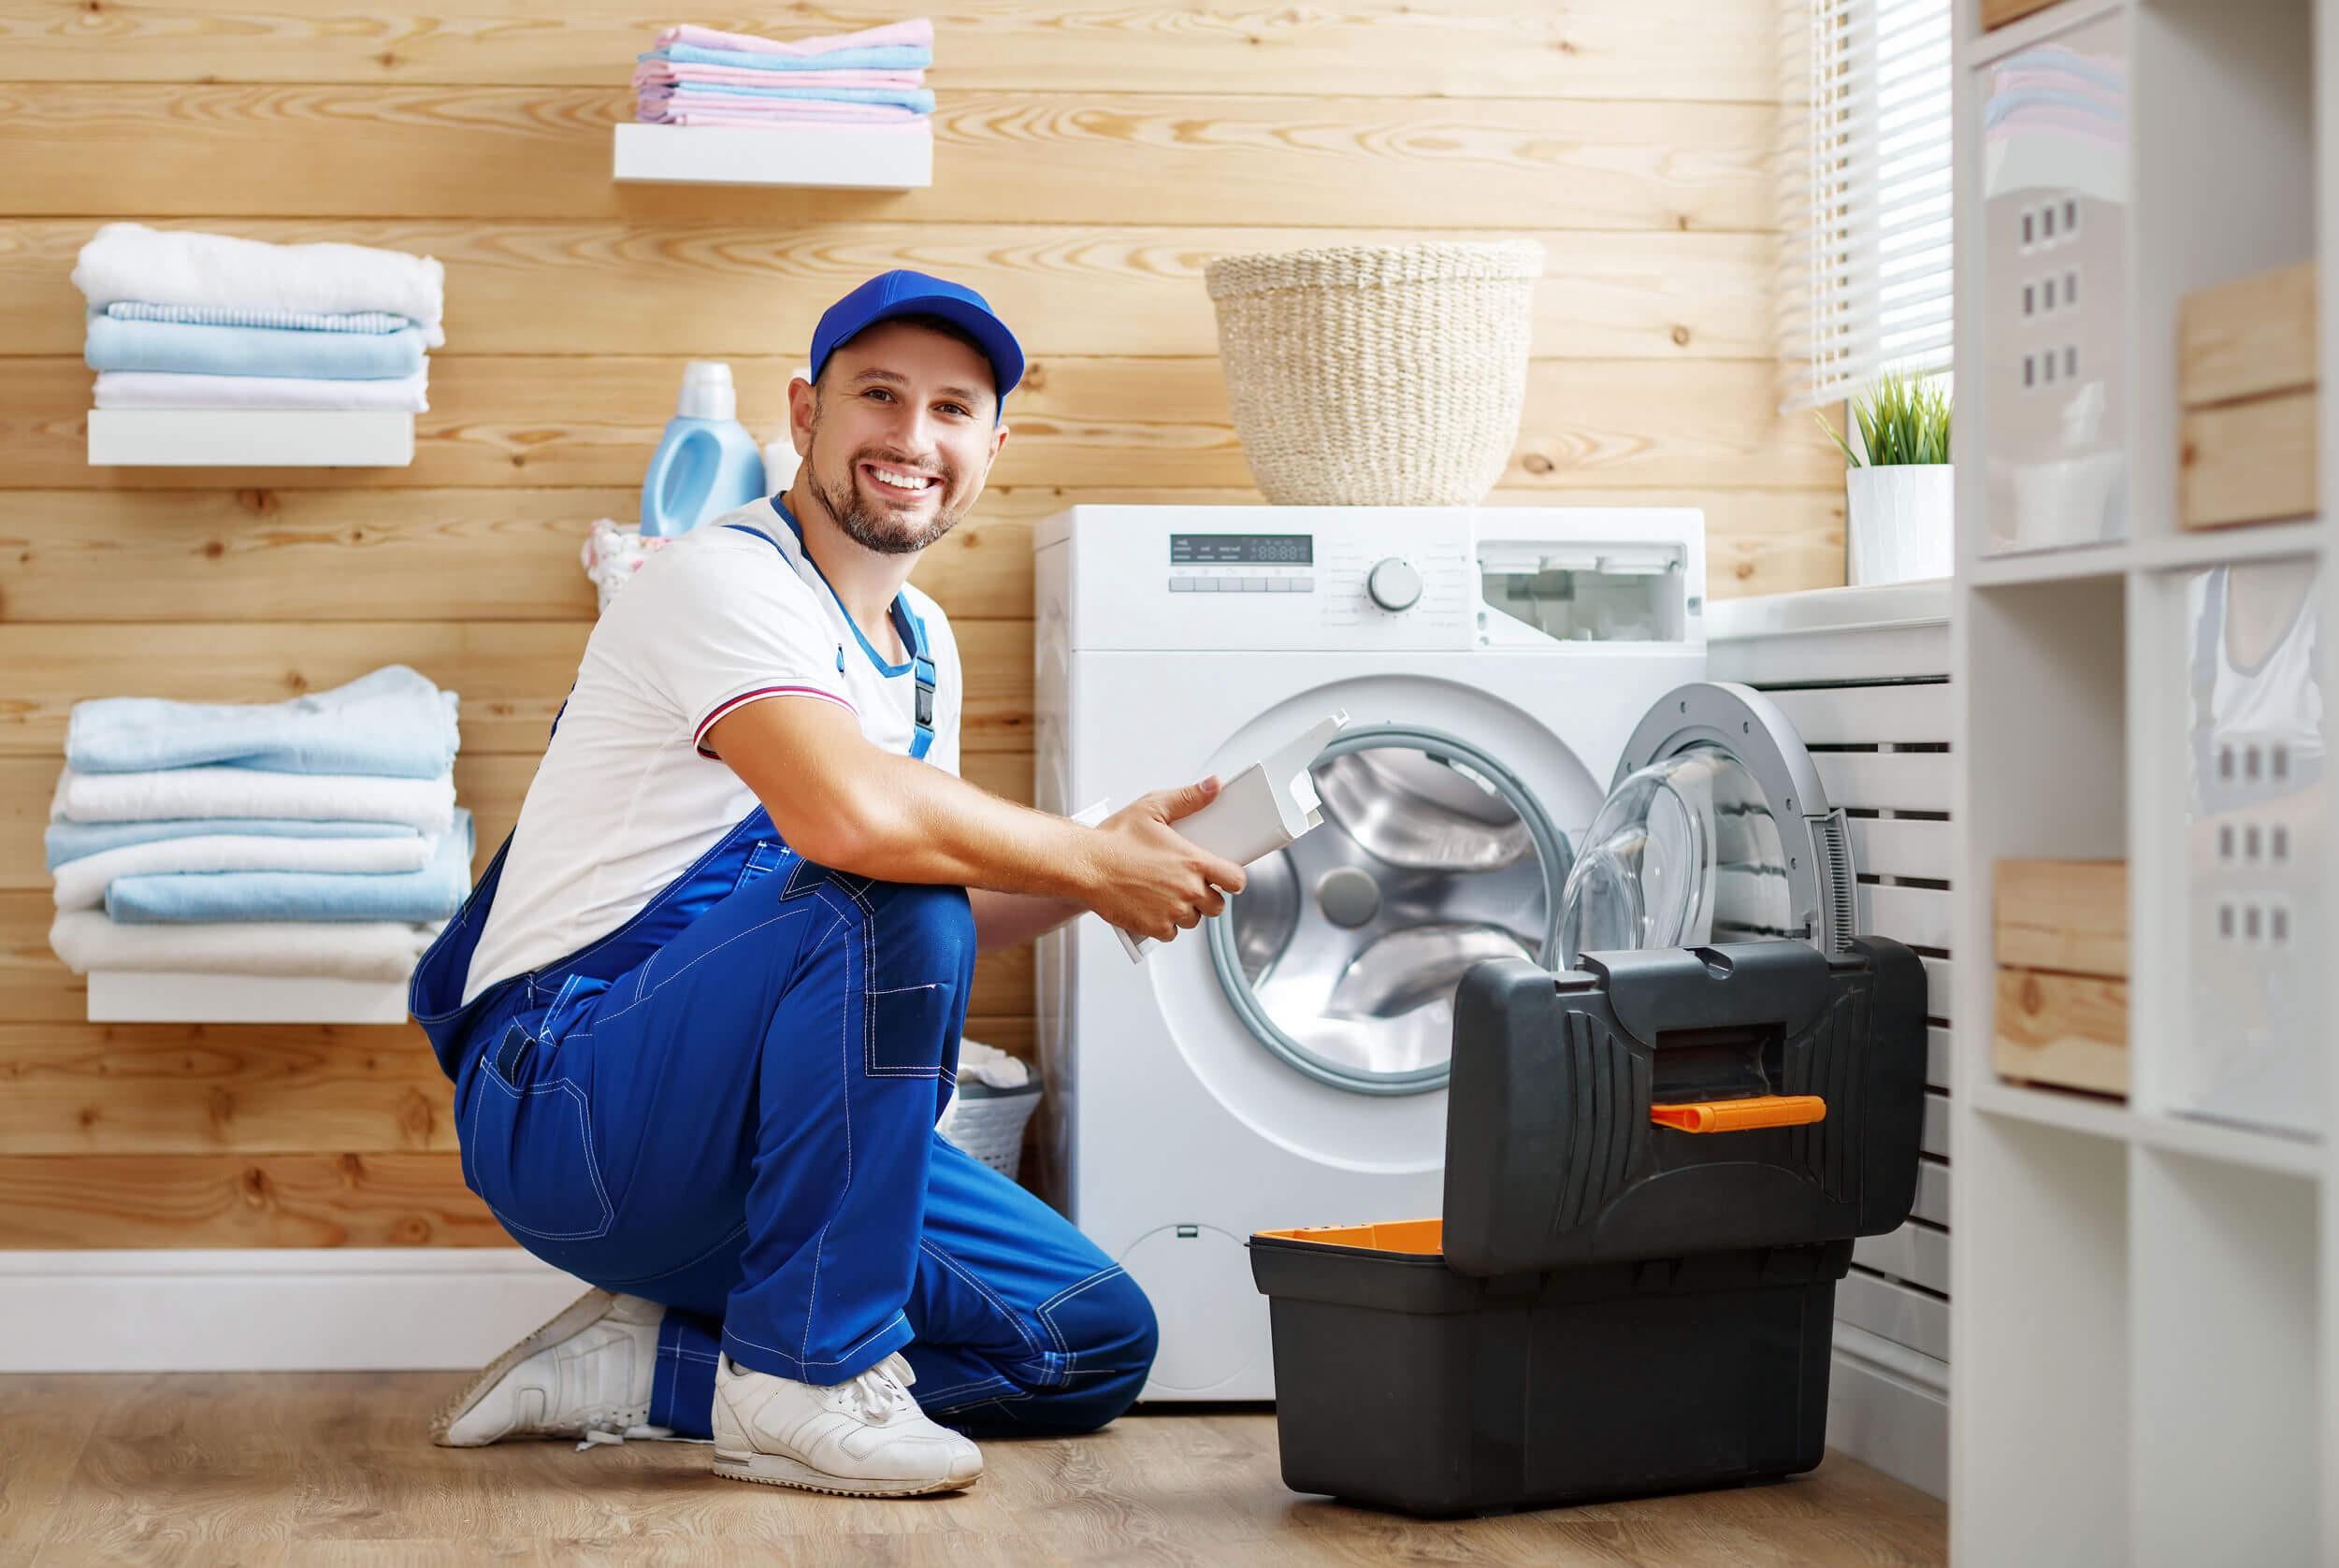 appliance repair near you